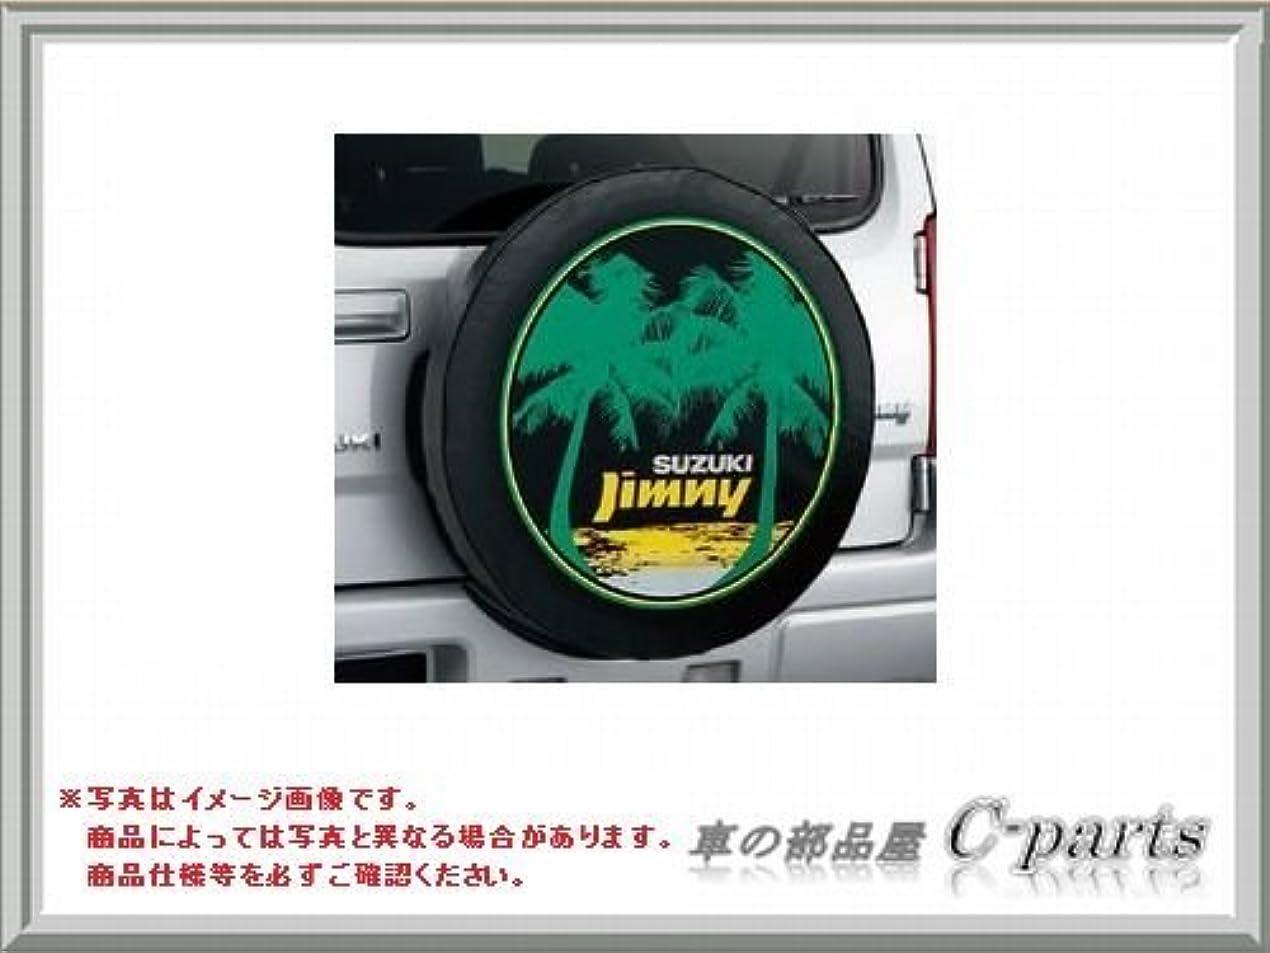 収縮交換落胆したSUZUKI Jimny スズキ ジムニー【JB23W】 スペアタイヤカバー(ビーチ)[99000-99034-081]